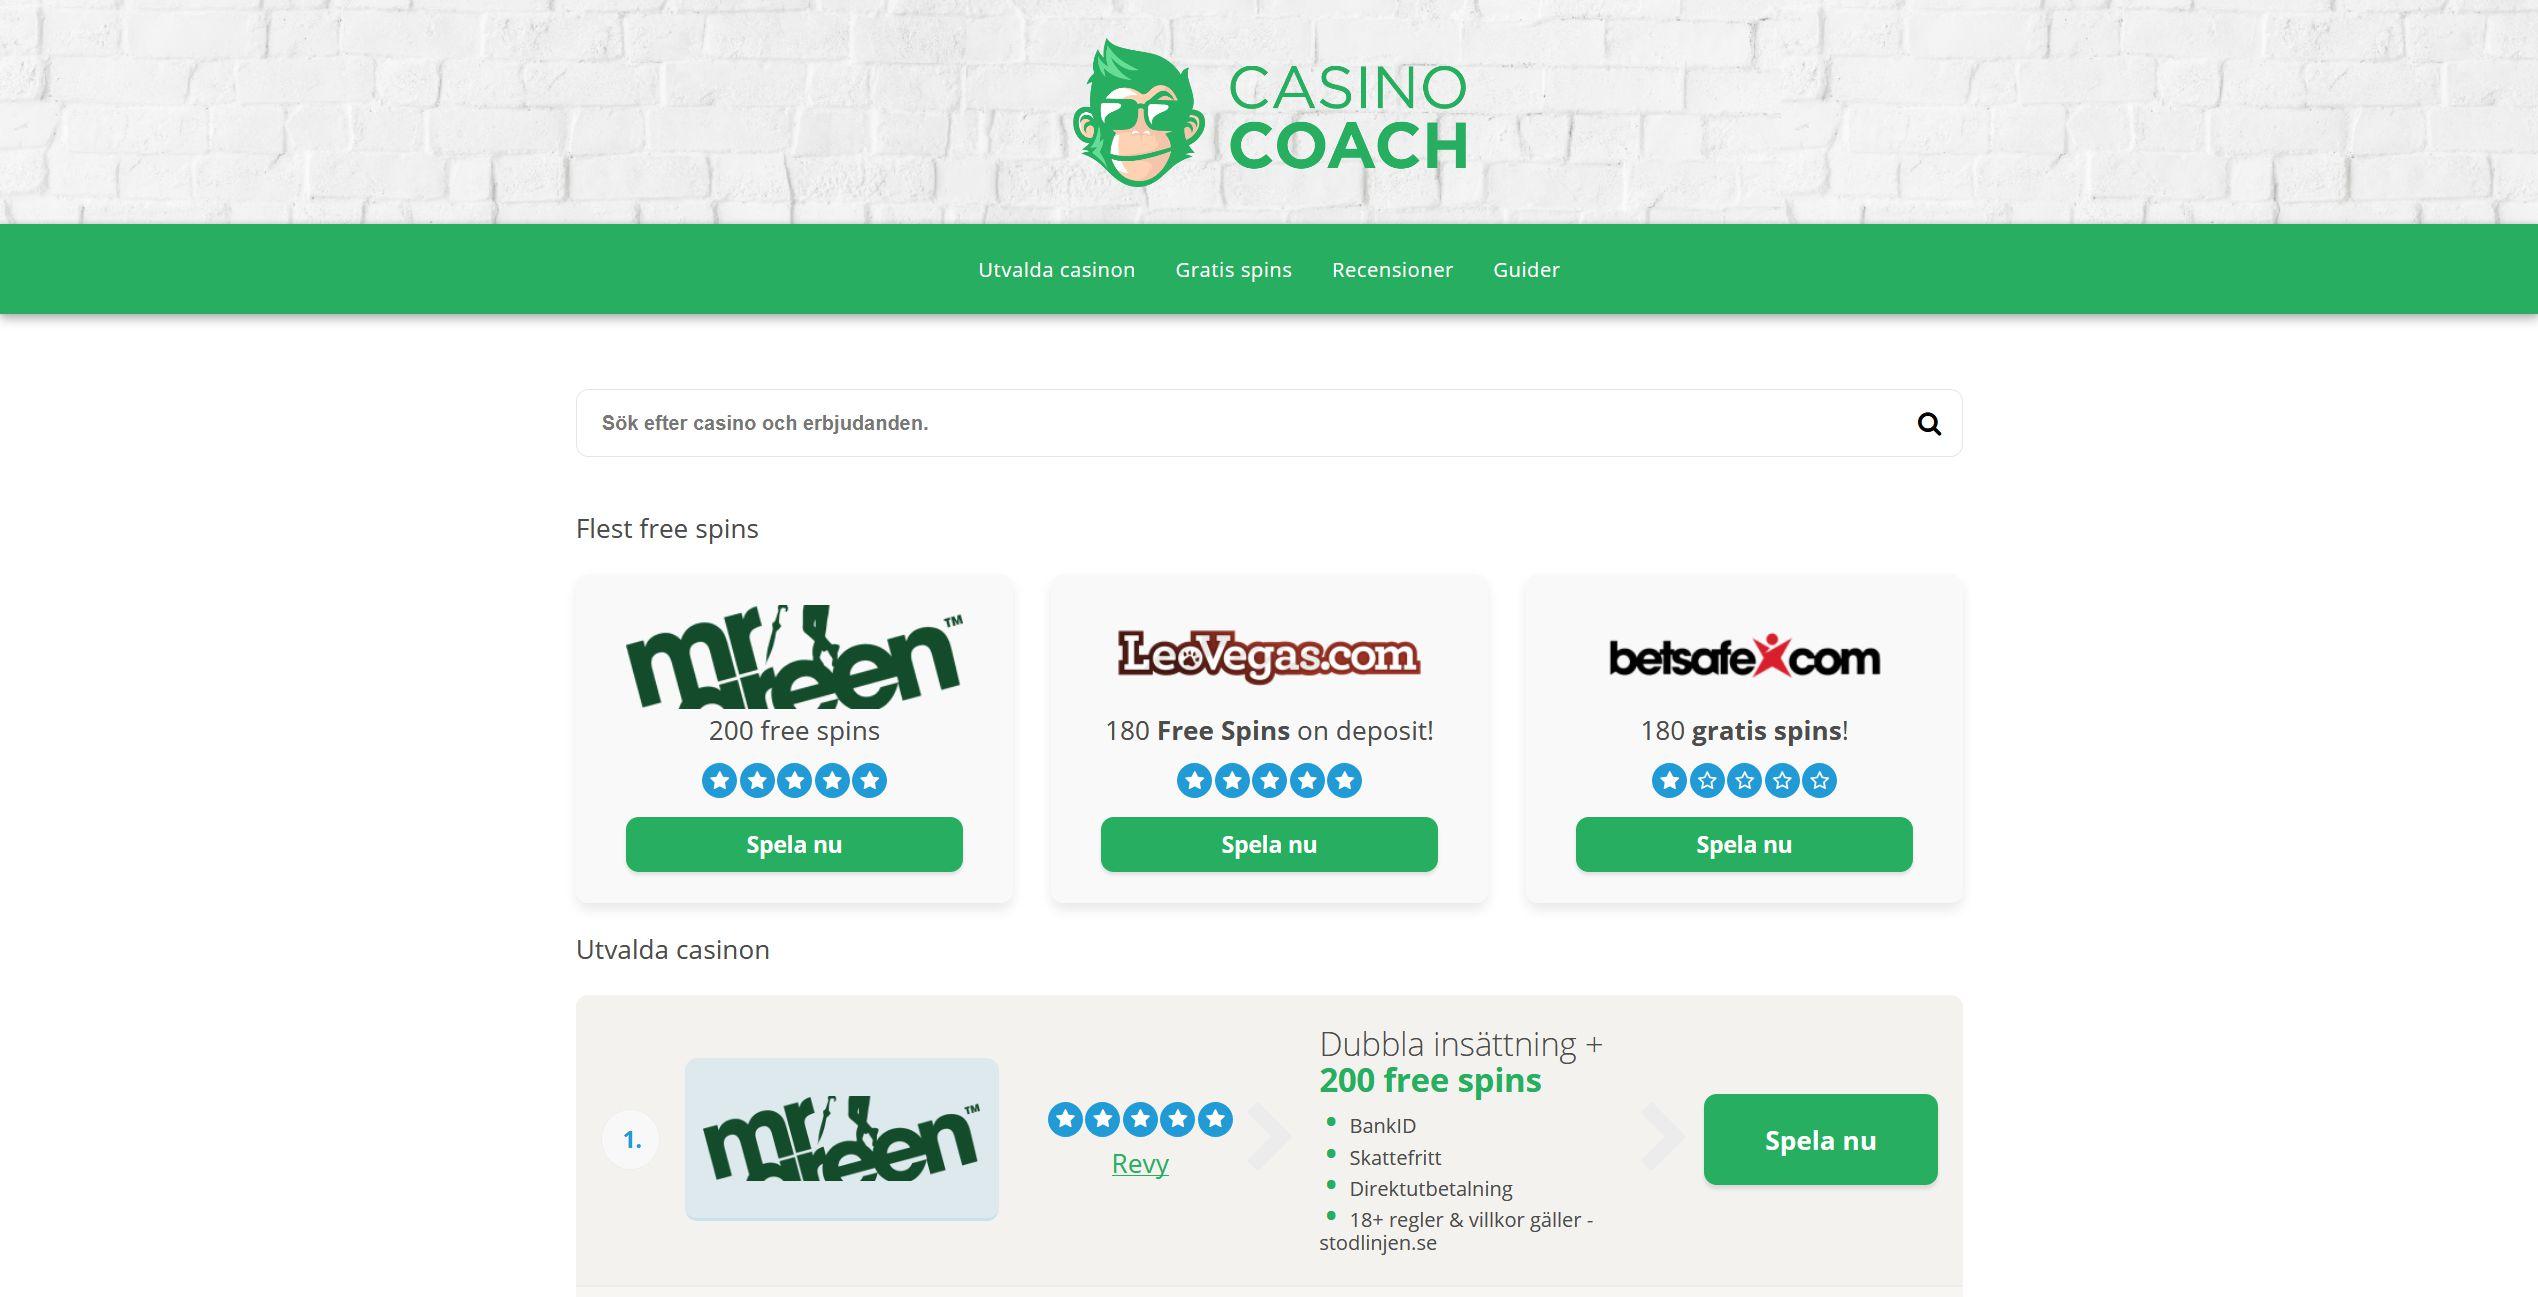 Casino Coach